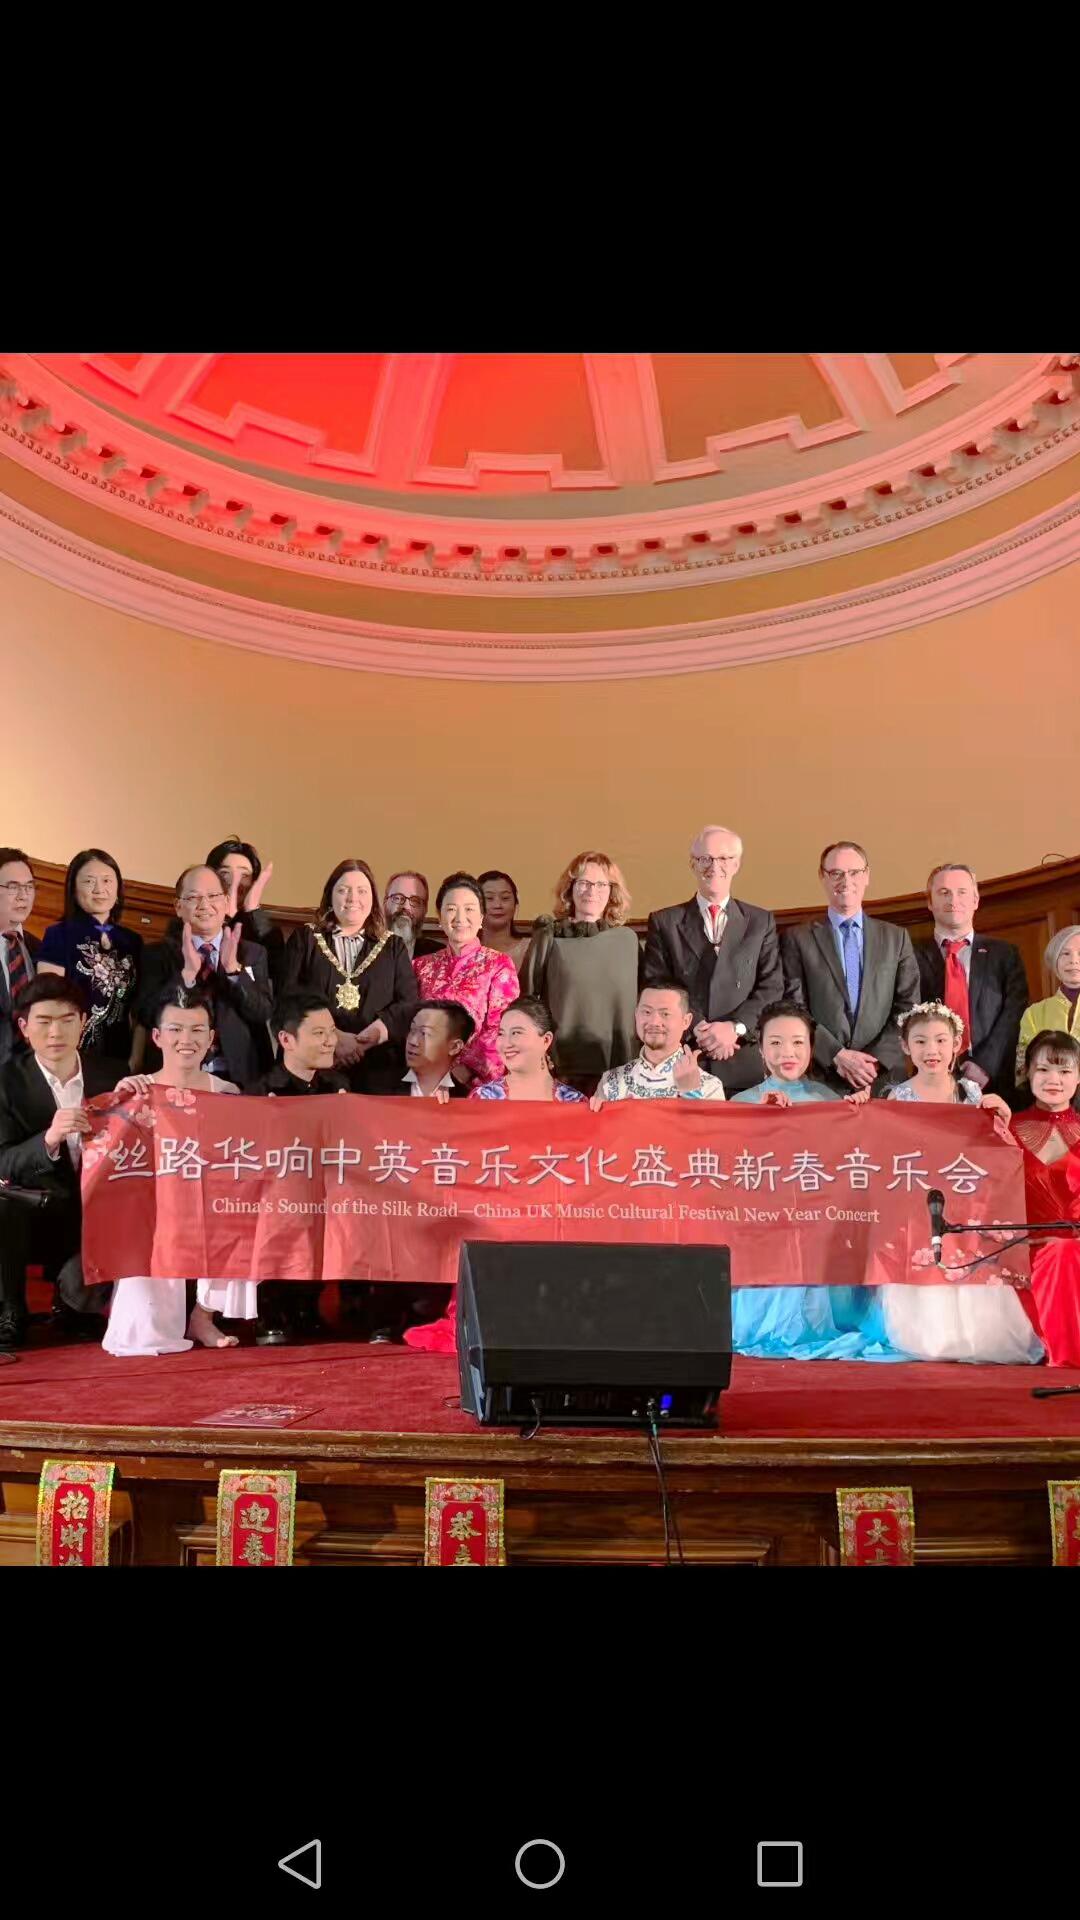 刘昌伟老师与英国贝尔法斯特市长及总领事们合影